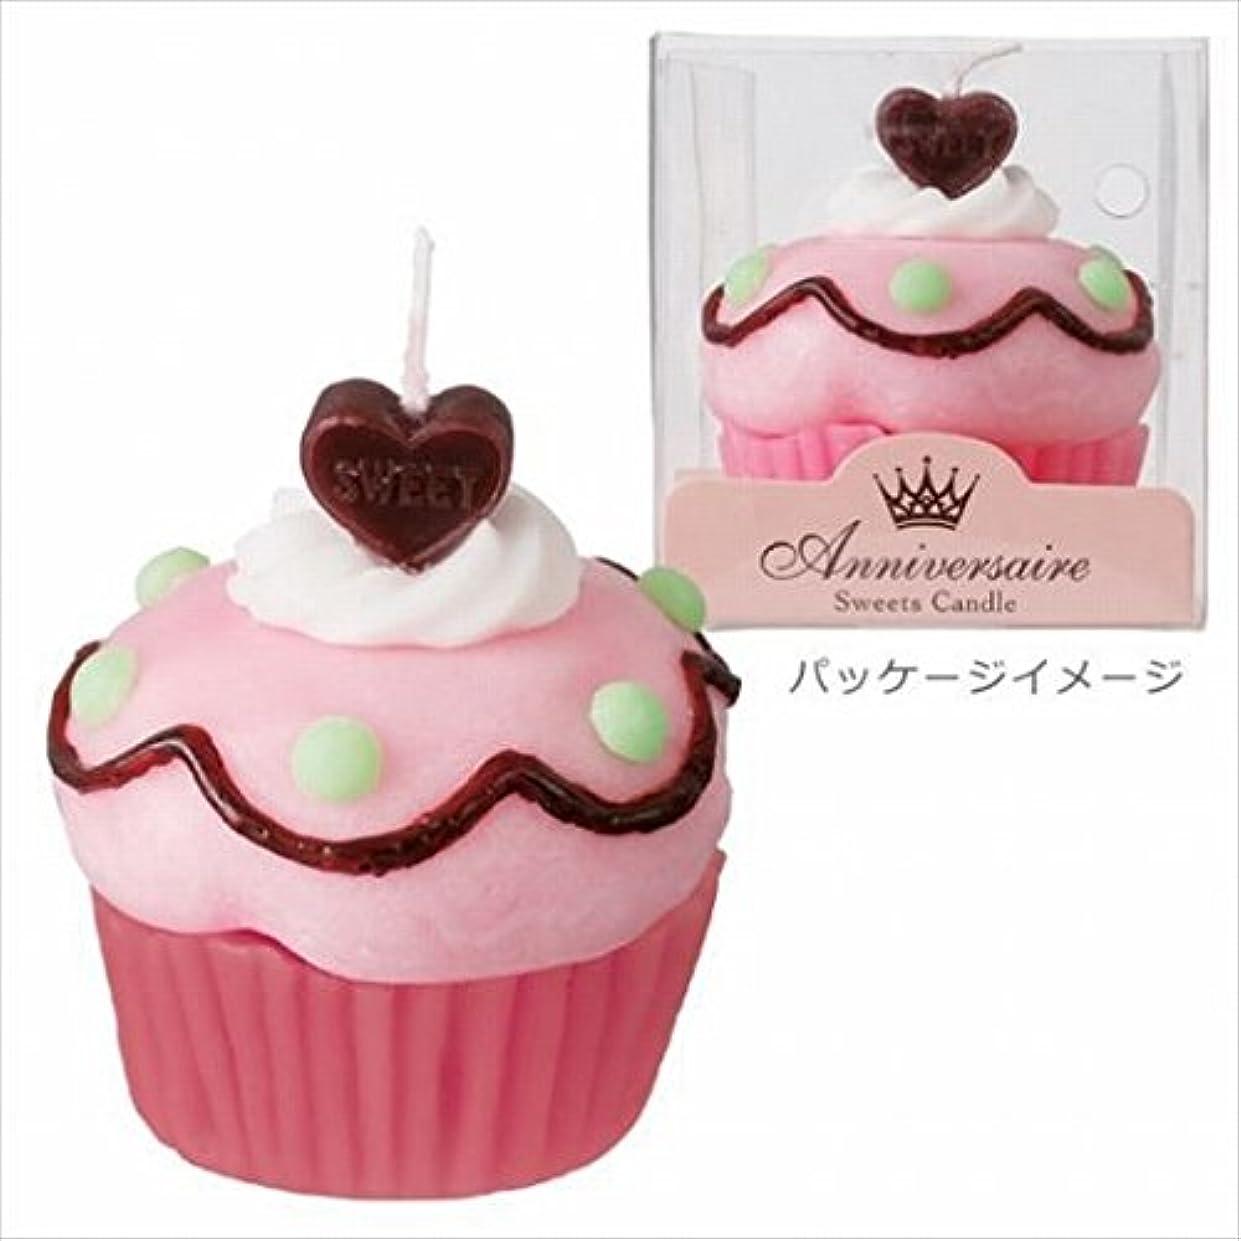 破滅周辺キリスト教カメヤマキャンドル( kameyama candle ) カップケーキキャンドル 「 チェリードット 」